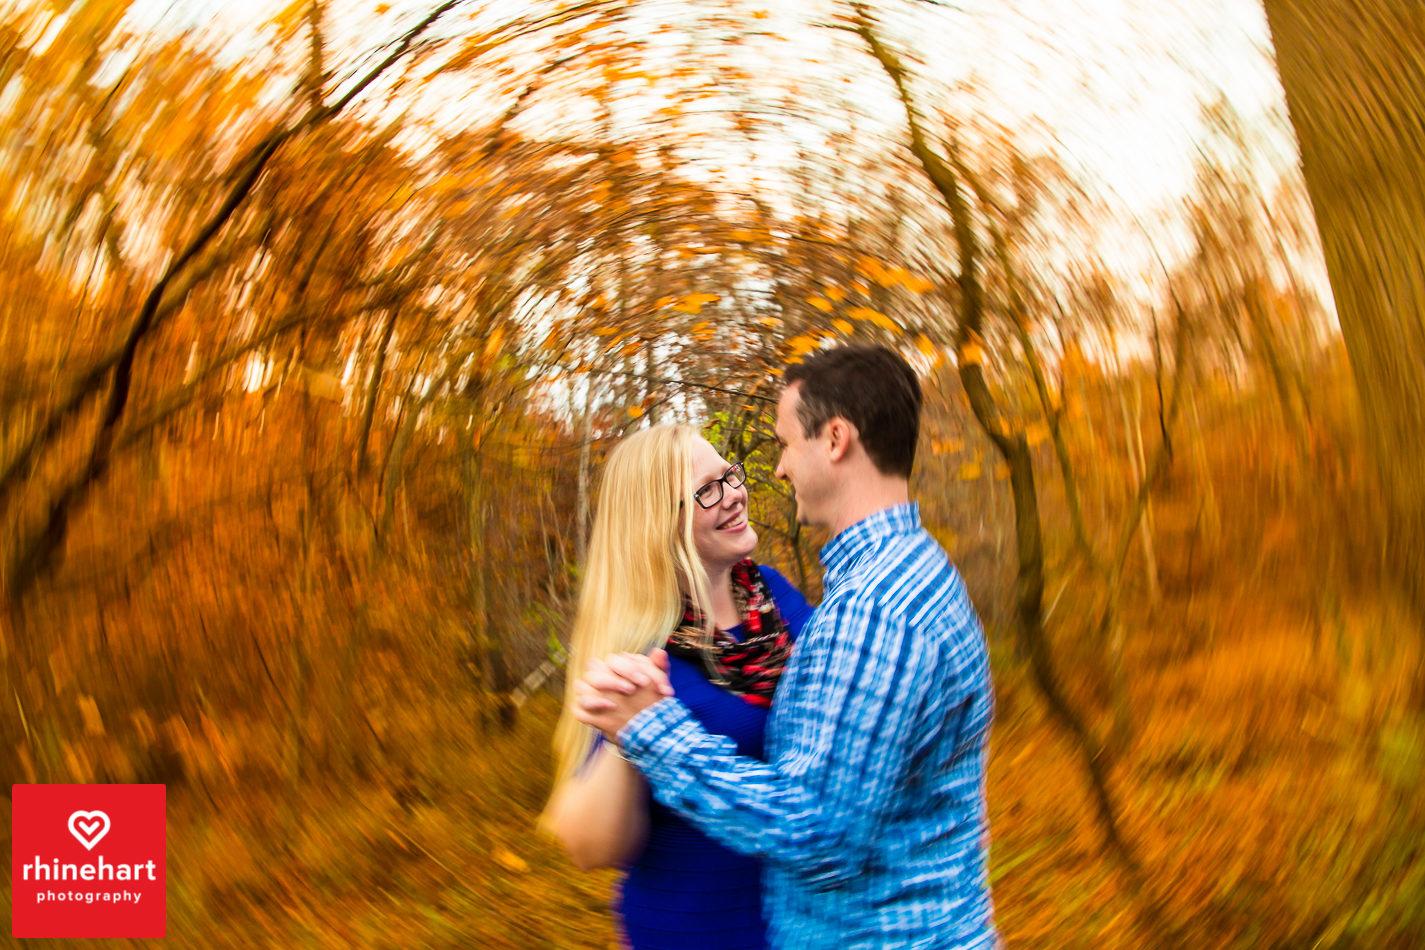 dc-wedding-photographers-colorful-creative-unique-vibrant-1